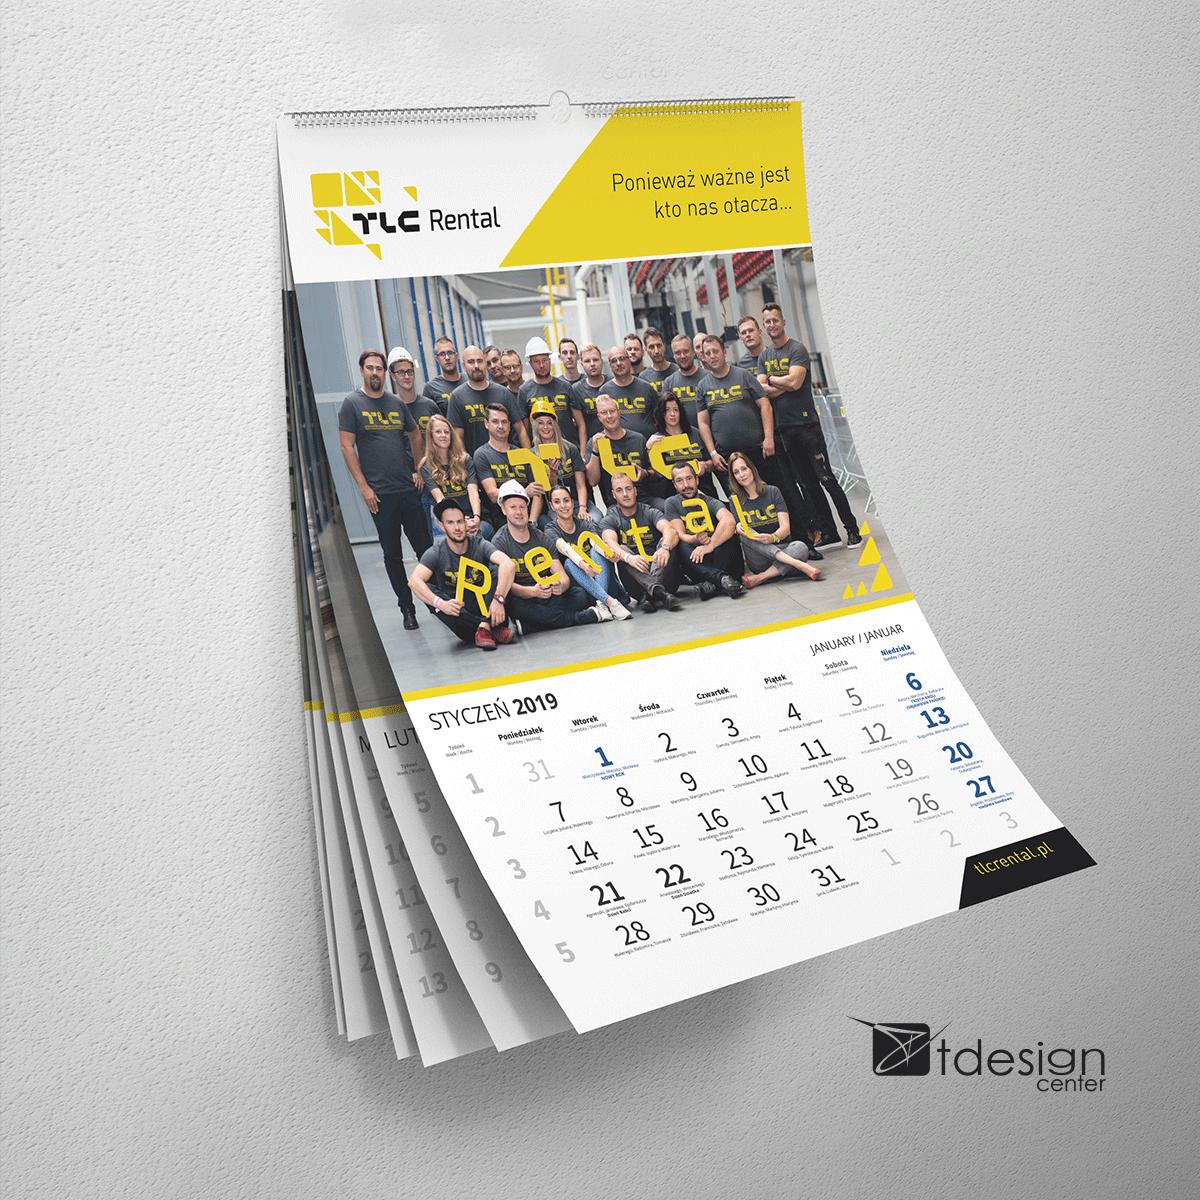 Kalendarz ścienny A3, spiralowany - projekt + druk, realizacja dla firmy TLC